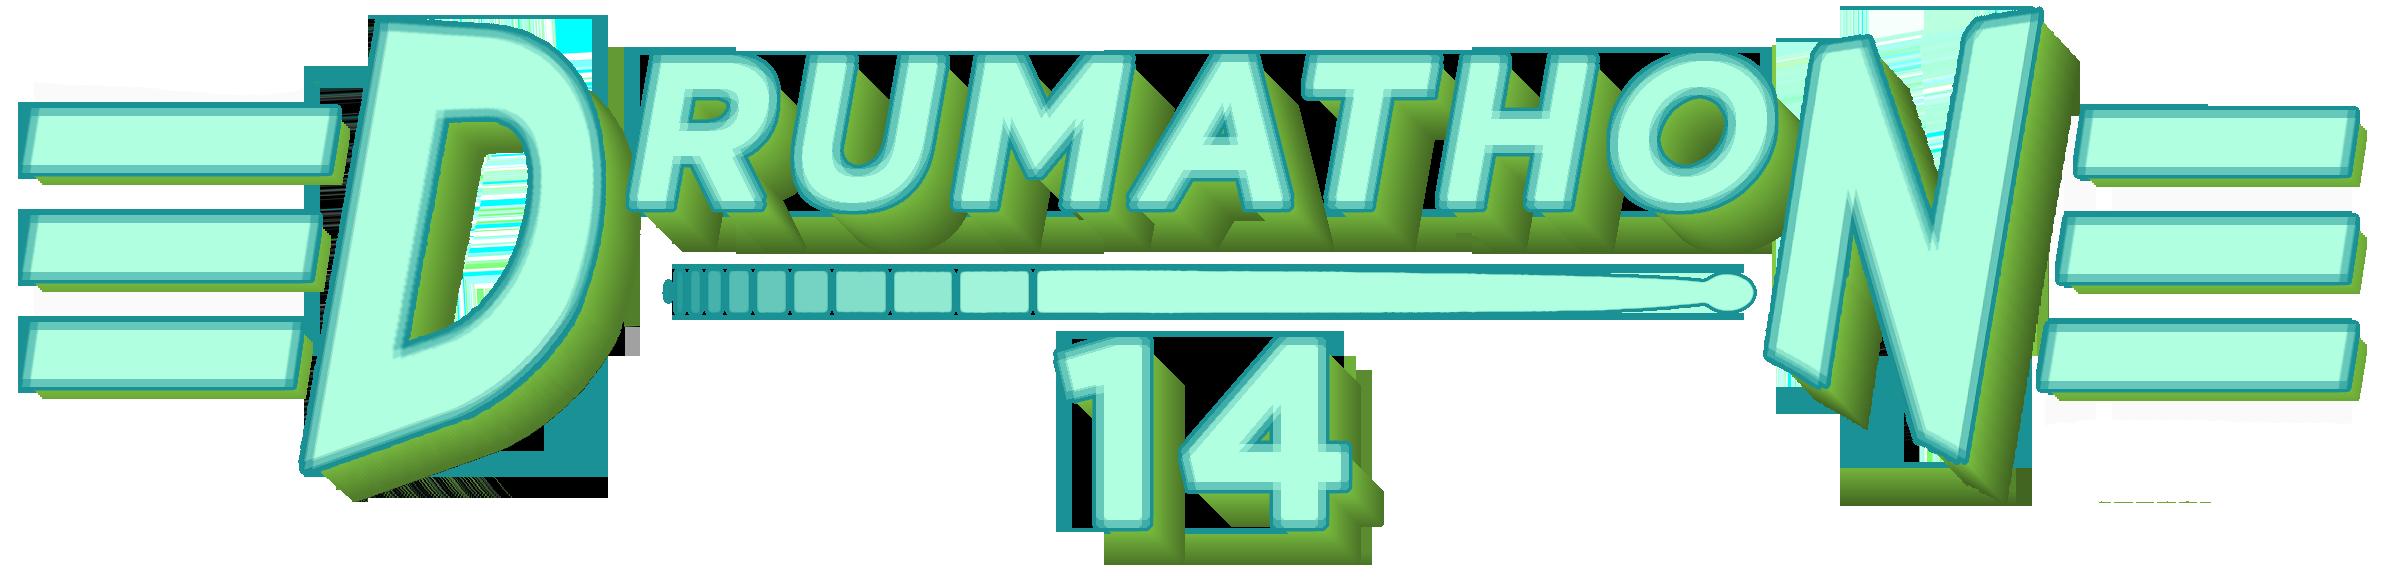 Drumathon 14 Logo - 2019.png